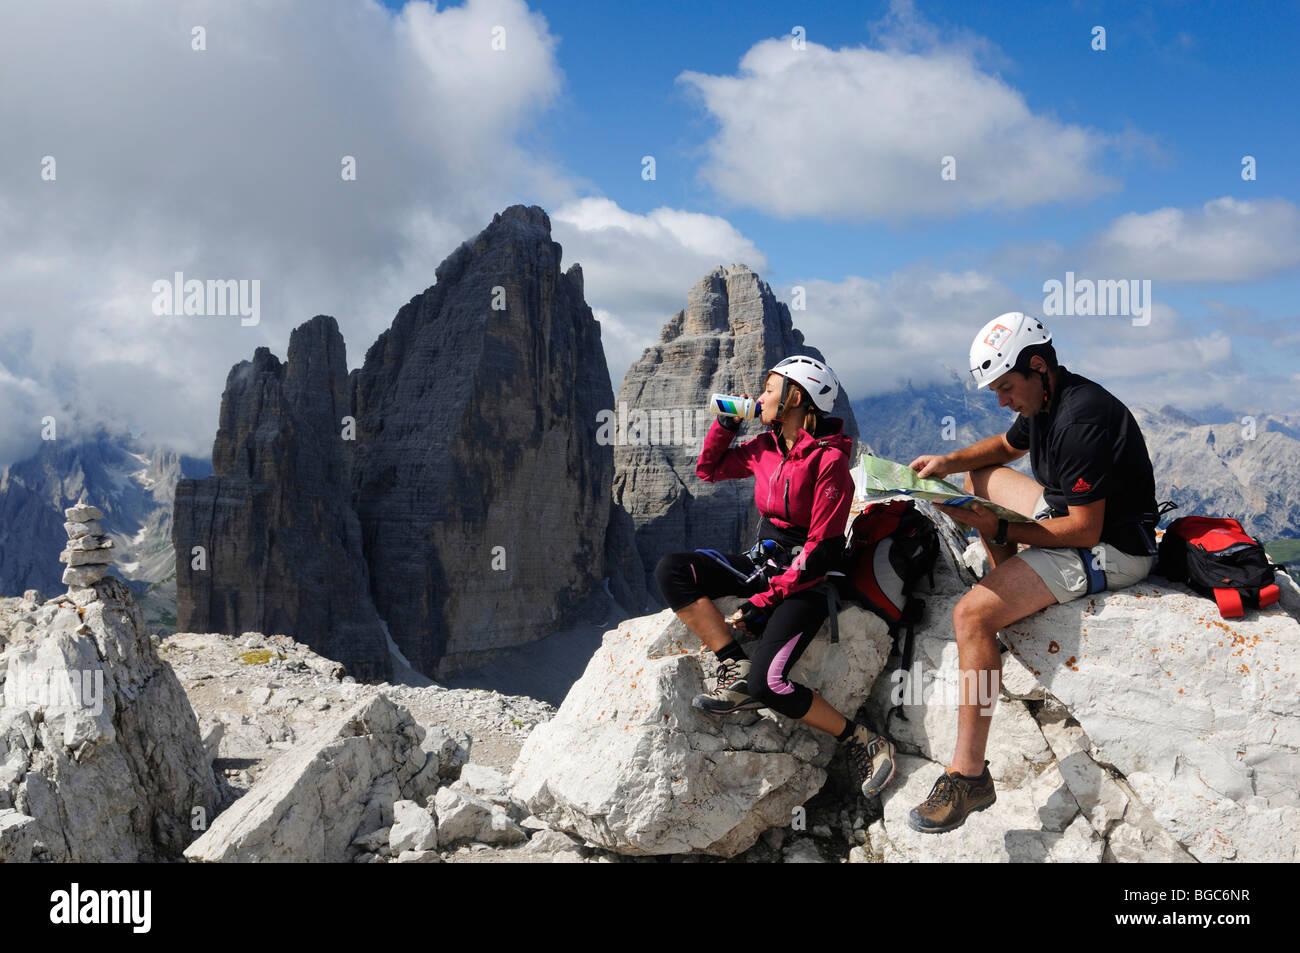 Klettersteig Drei Zinnen : Kletterer am klettersteig auf paterno drei zinnen alta pusteria